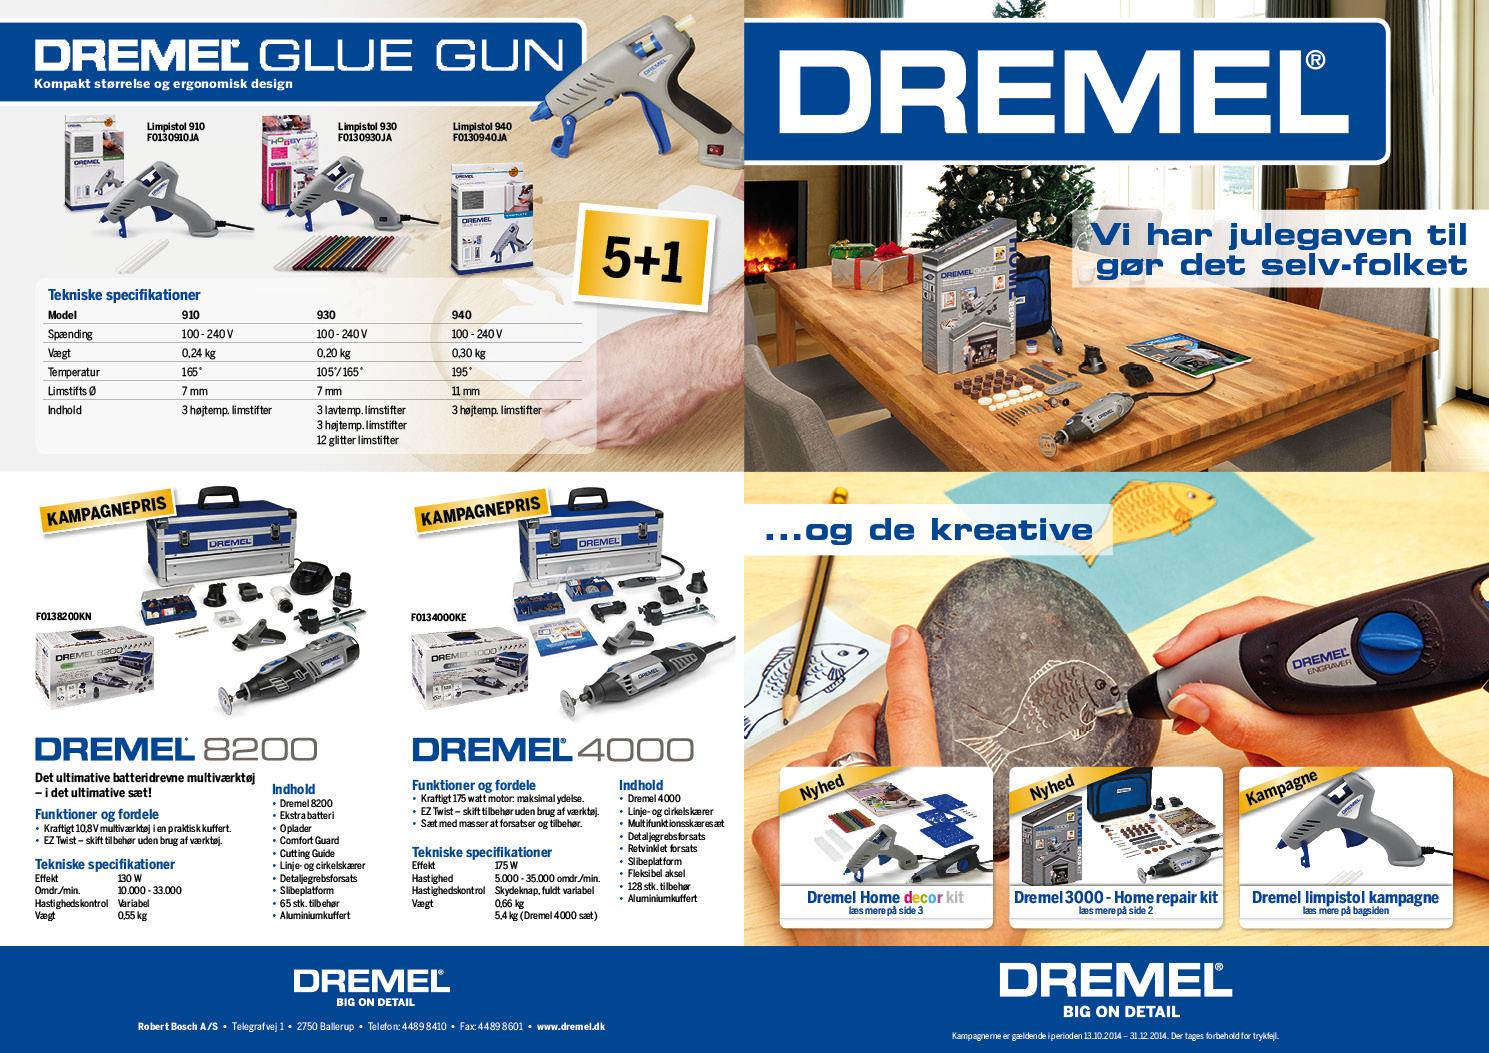 DREMEL_DK_4-2014.jpg